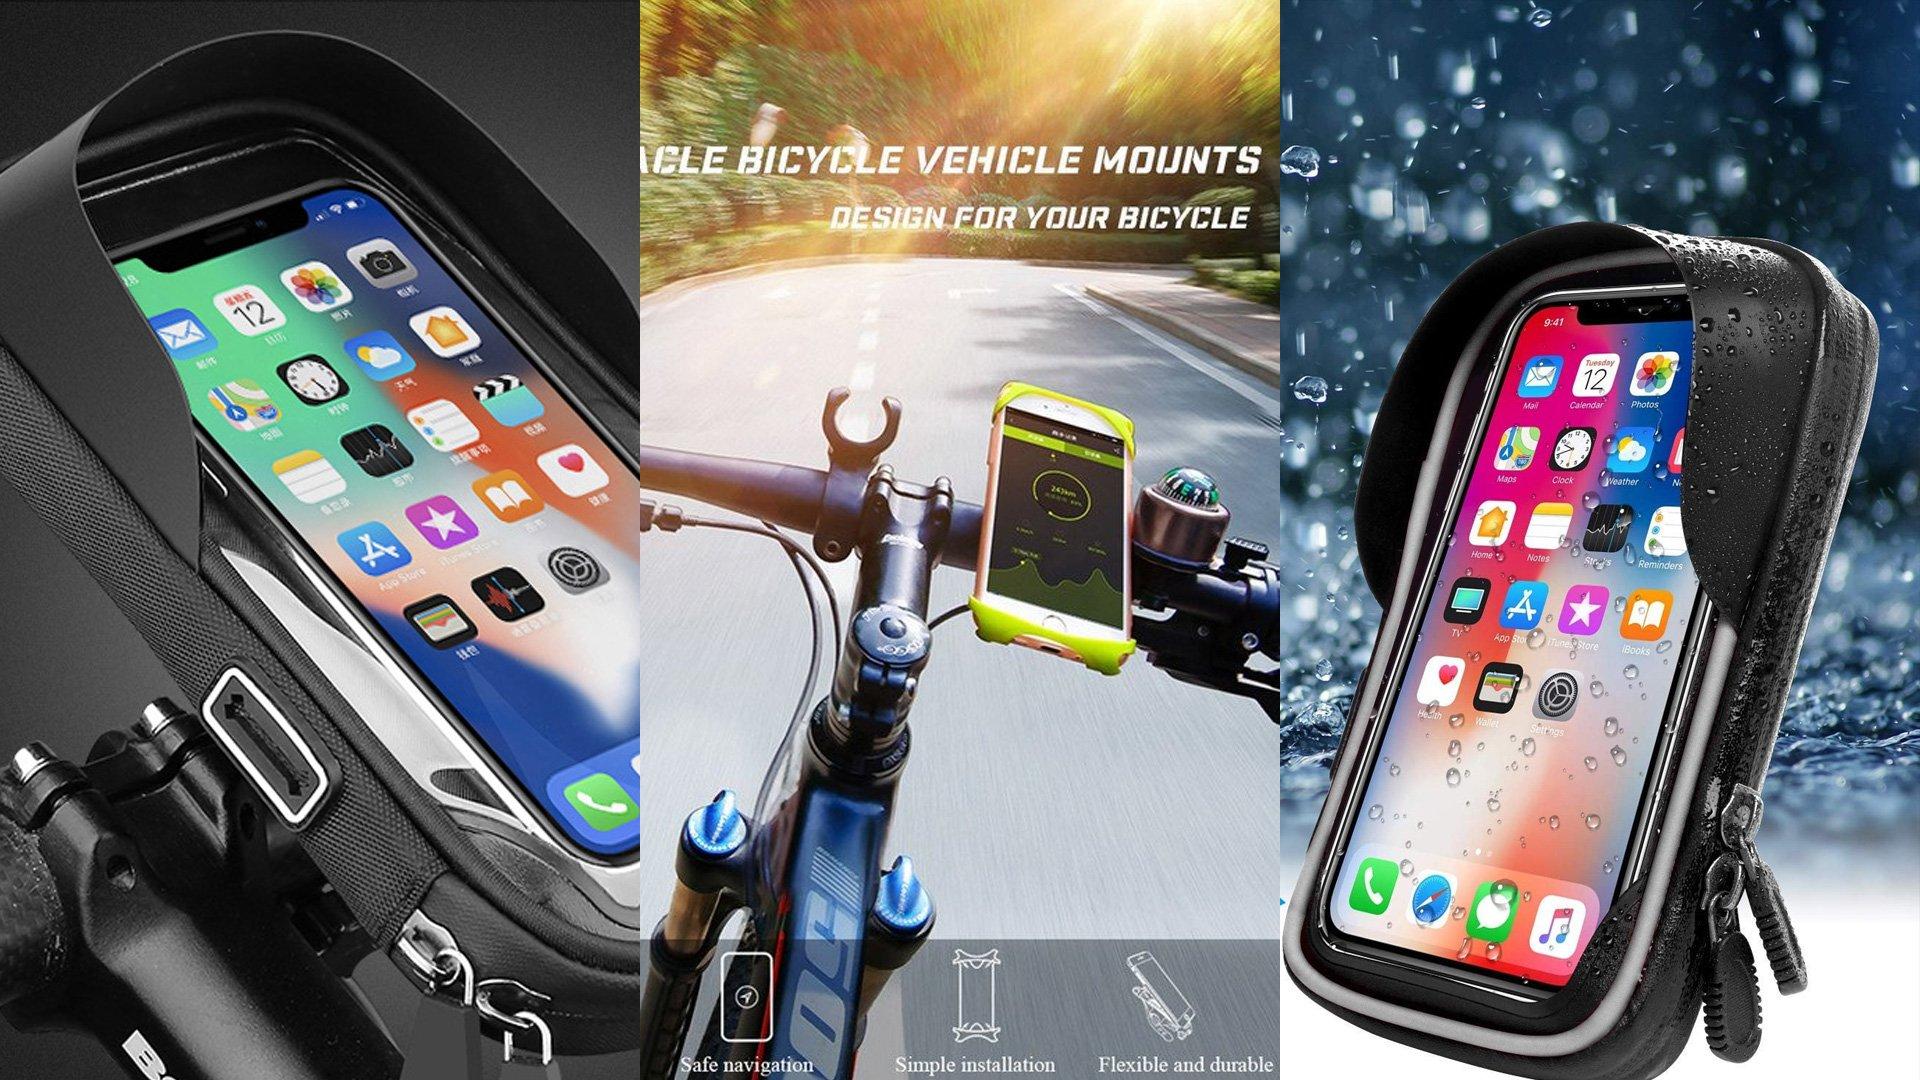 Een telefoonhouder voor je fiets, MTB of racefiets: handig of niet toegestaan?